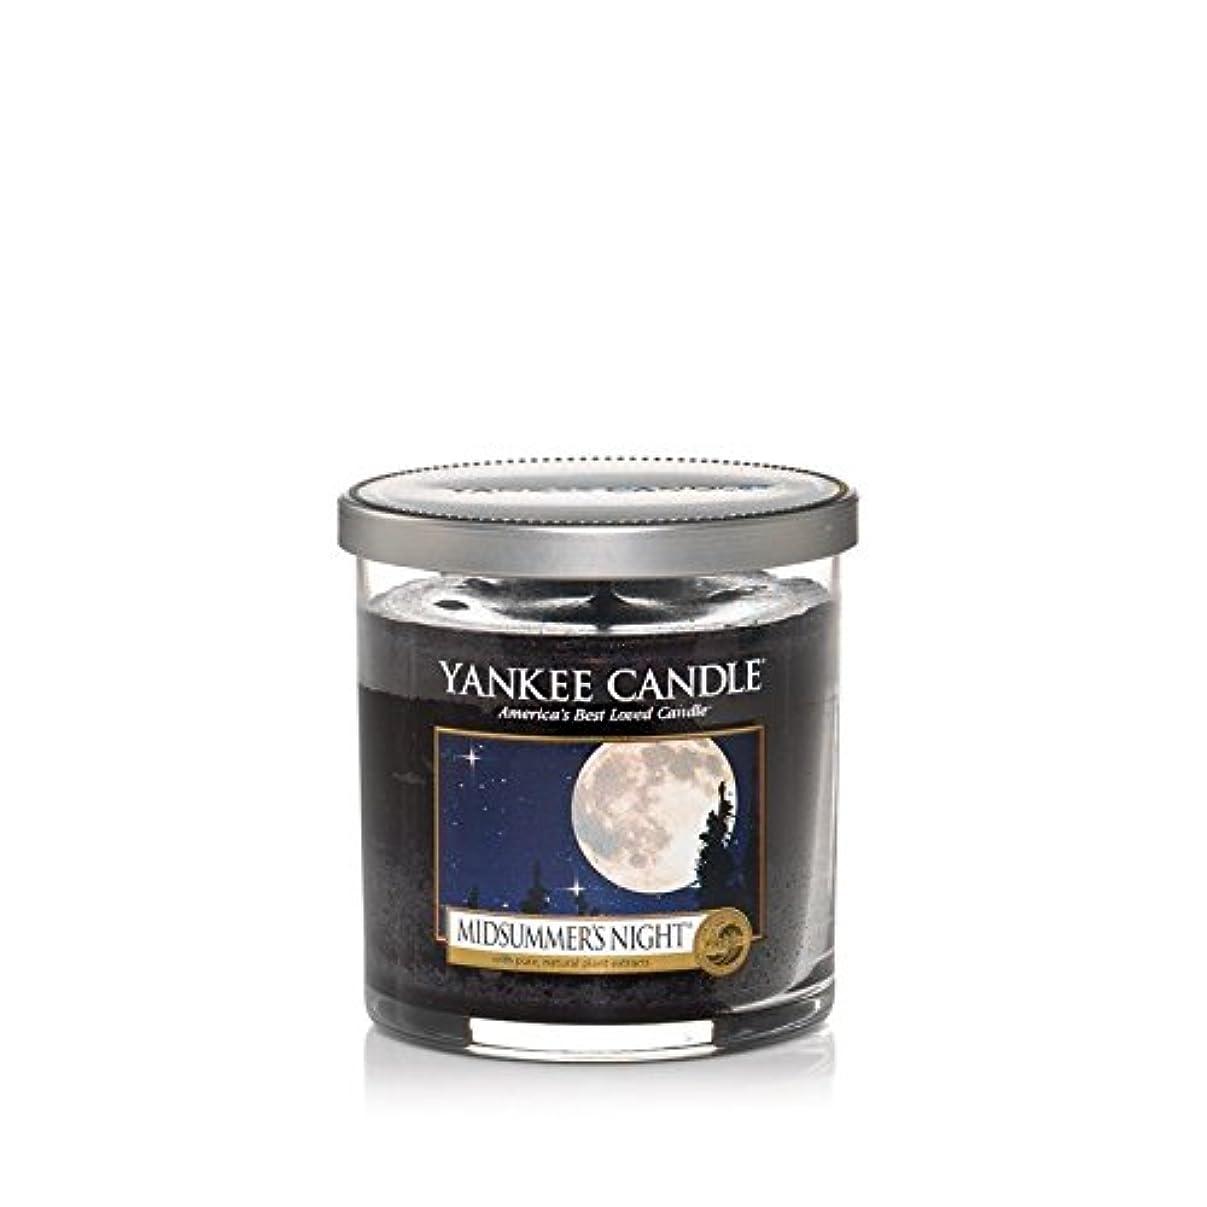 下位チーズ要件Yankee Candles Small Pillar Candle - Midsummers Night (Pack of 2) - ヤンキーキャンドルの小さな柱キャンドル - Midsummers夜 (x2) [並行輸入品]